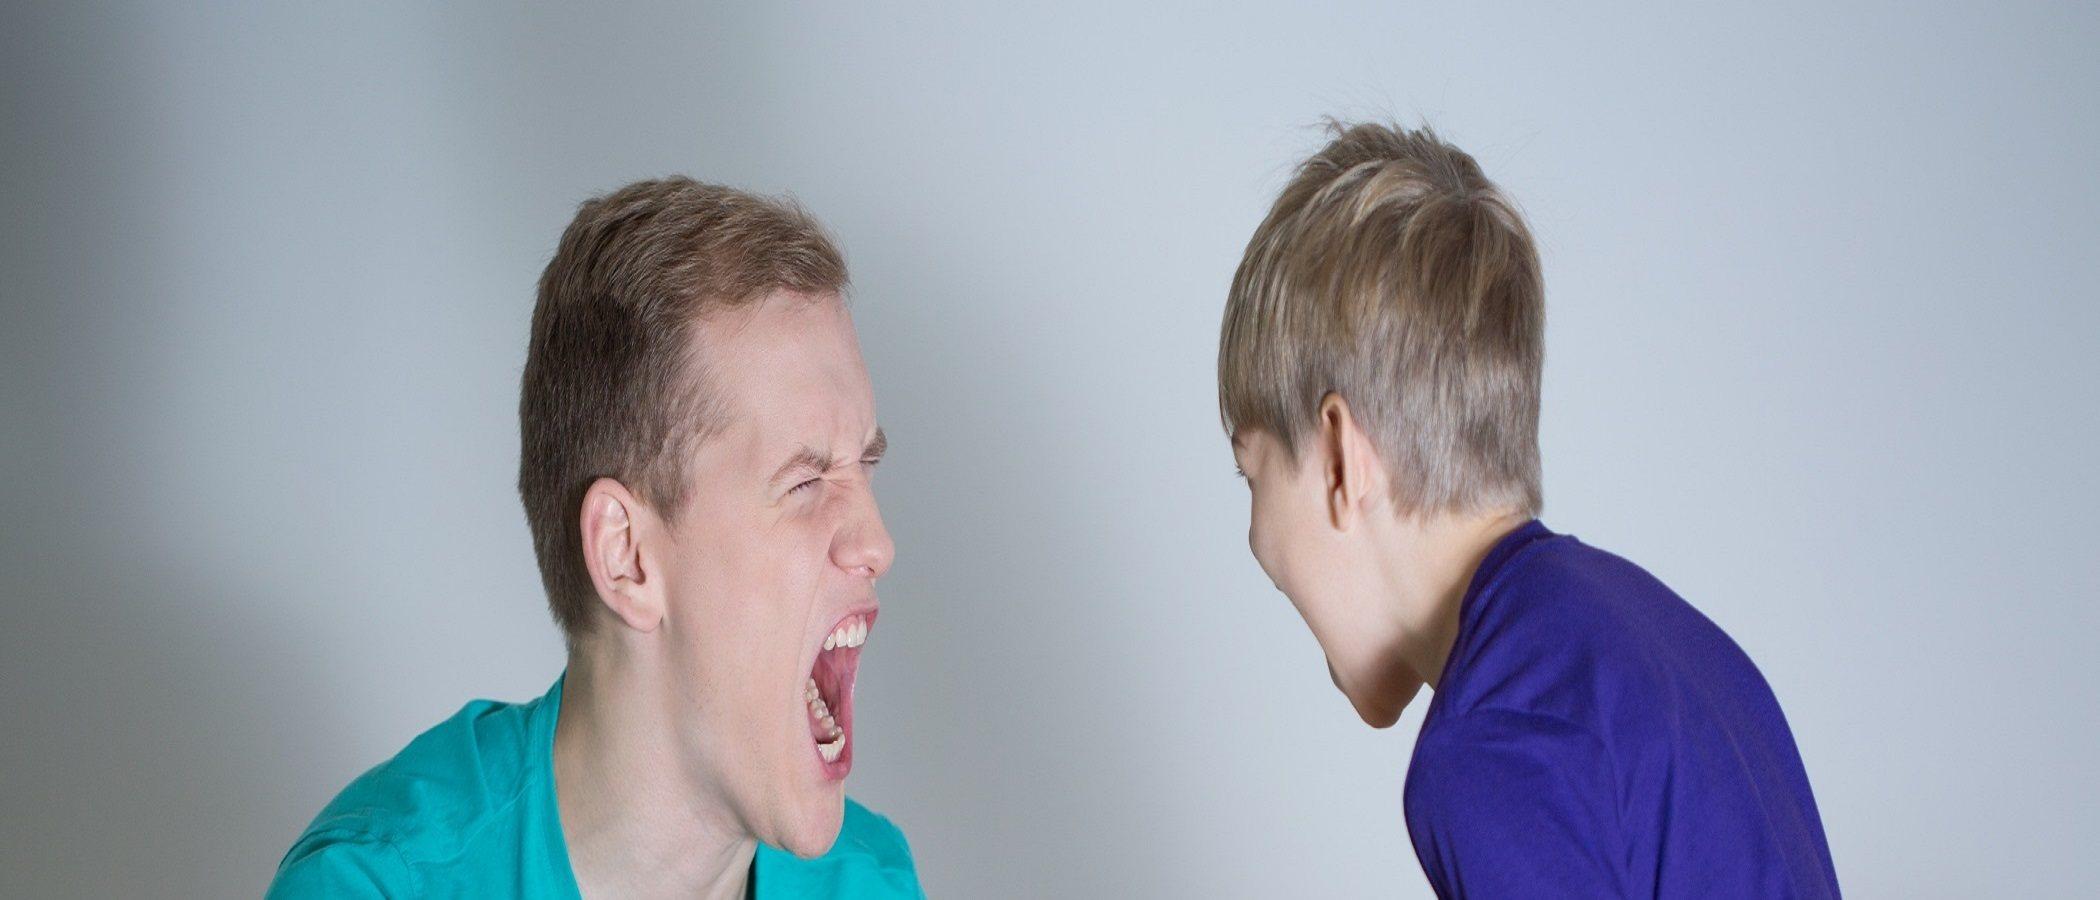 Mi hijo/a me pega, ¿qué puedo hacer?